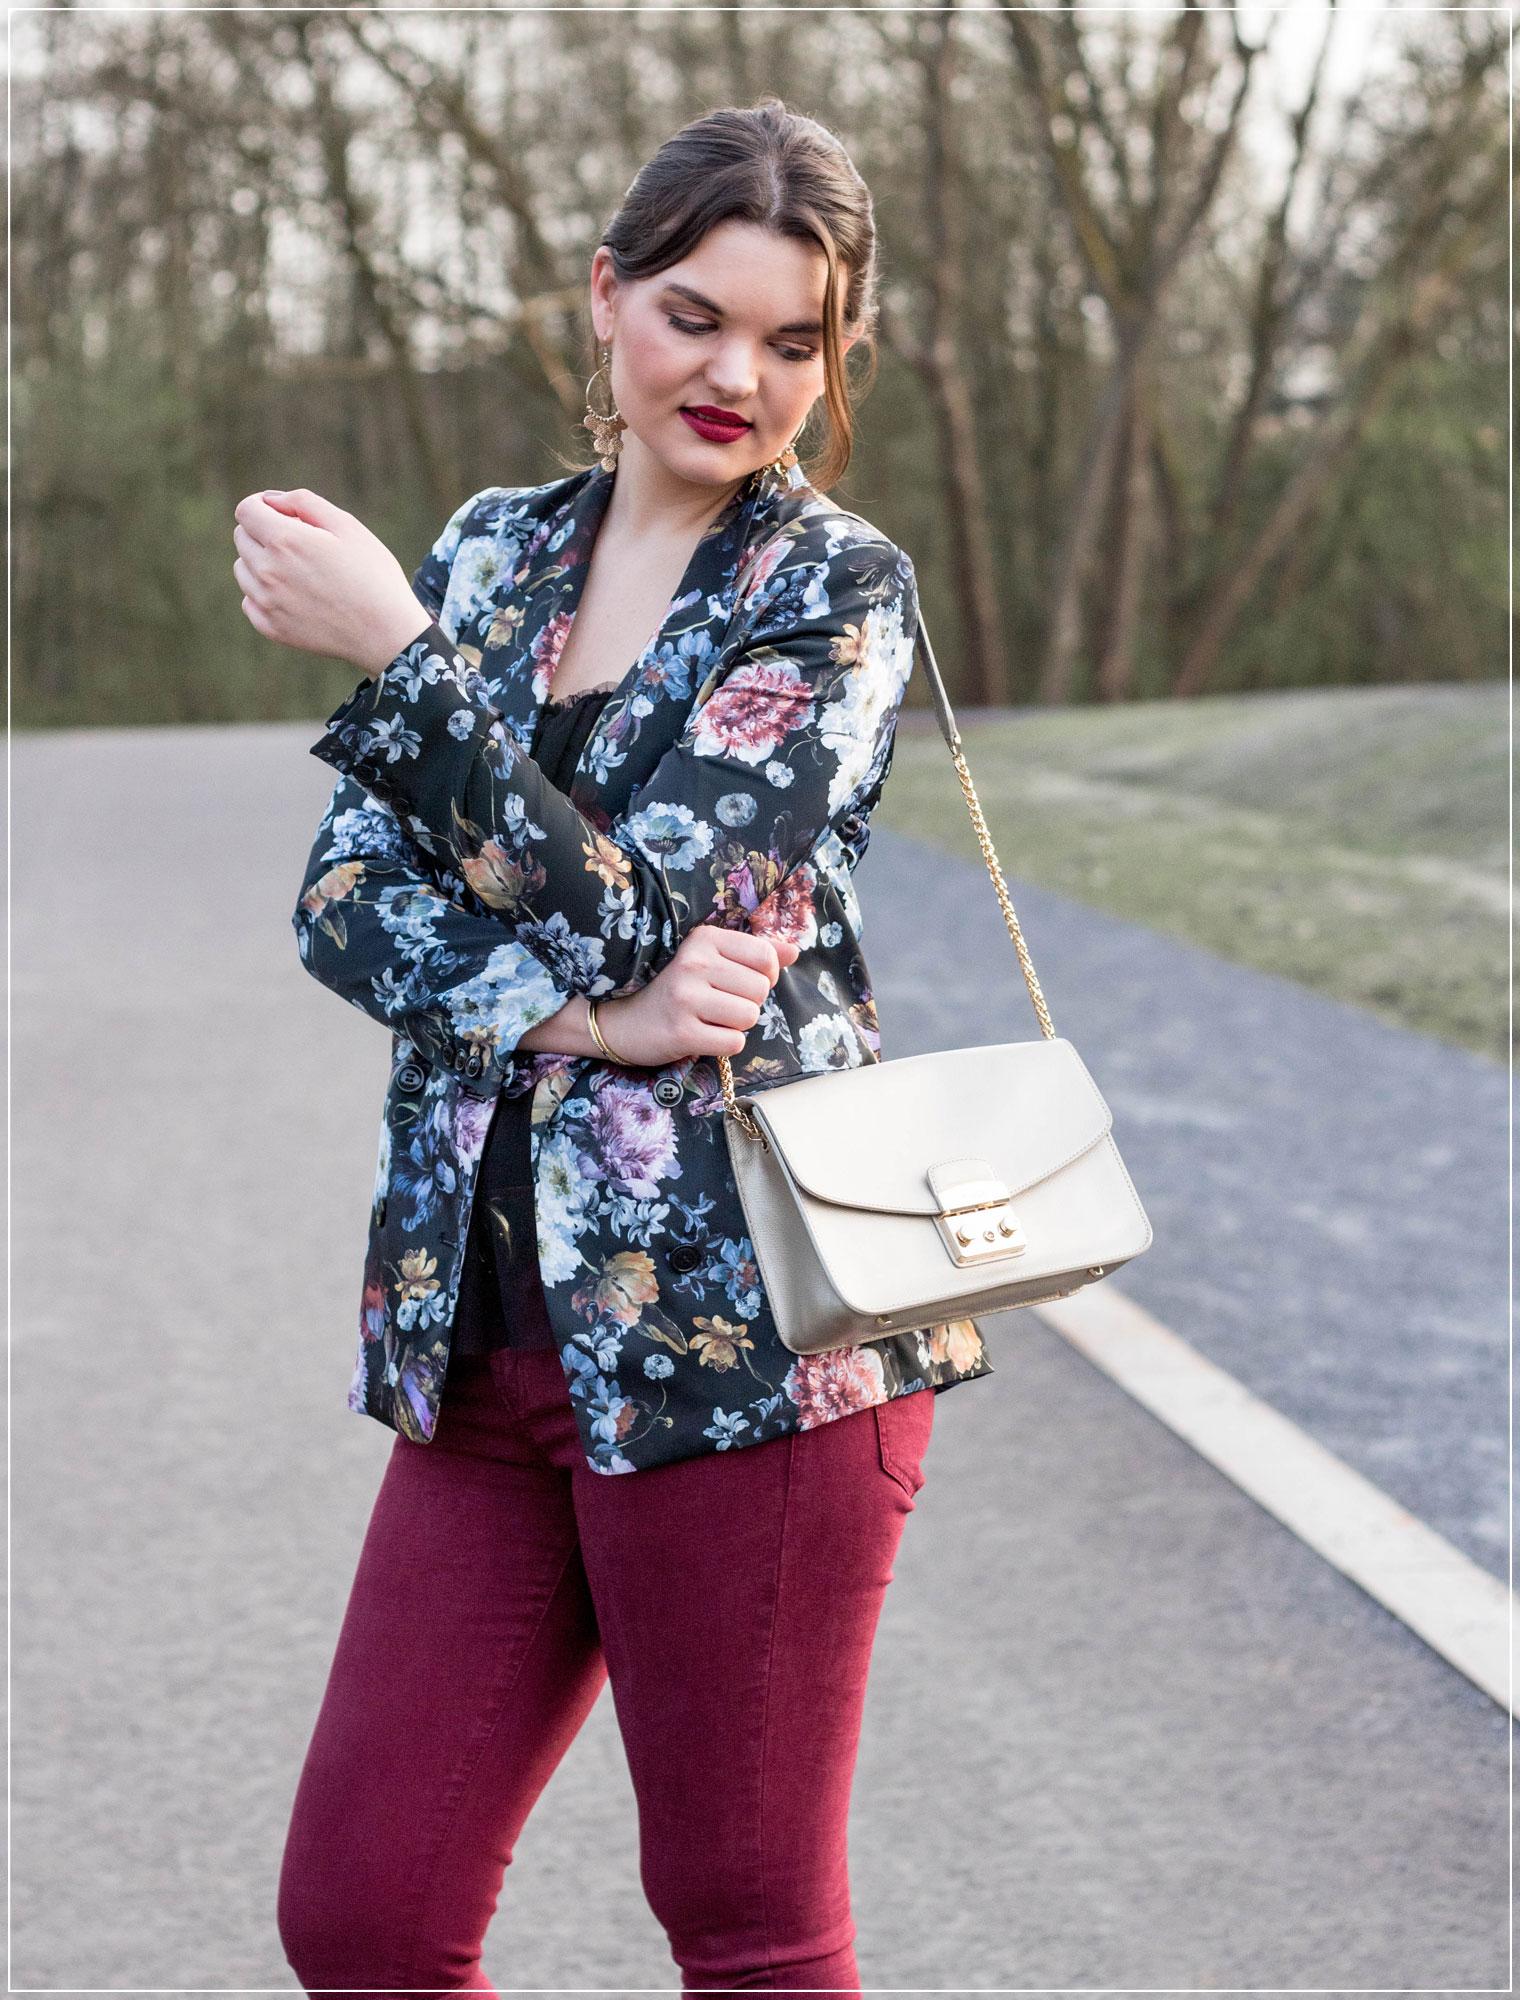 Layering, Fransen, Aigner, Dortmund, Modetrends, Winterstyle, Modebloggerin, Winteroutfit, Fashionbloggerin, Modeblog, Ruhrgebiet